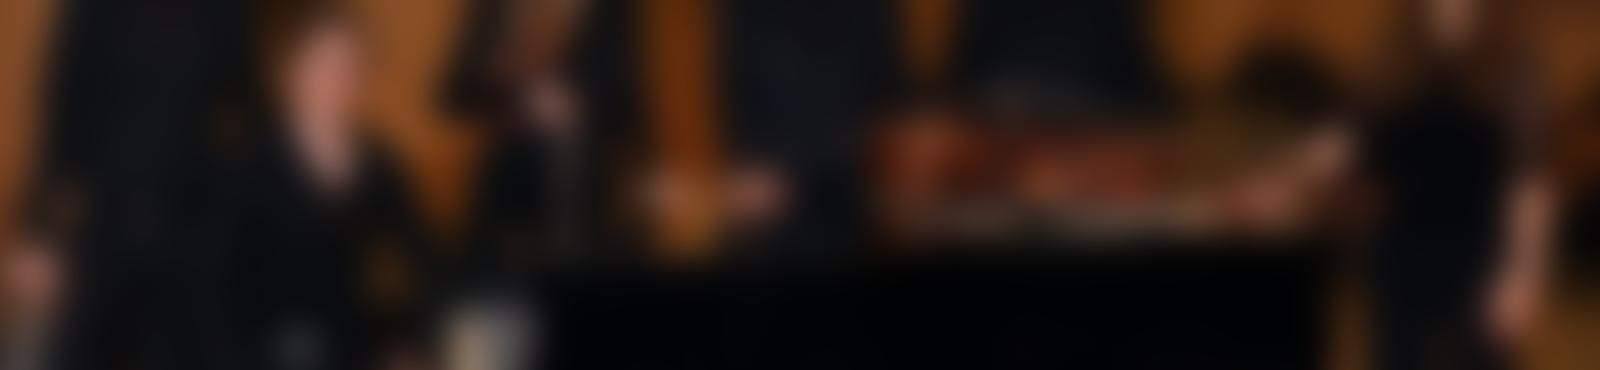 Blurred 20180cdb 49b7 44ff 8f23 252b7b80279c